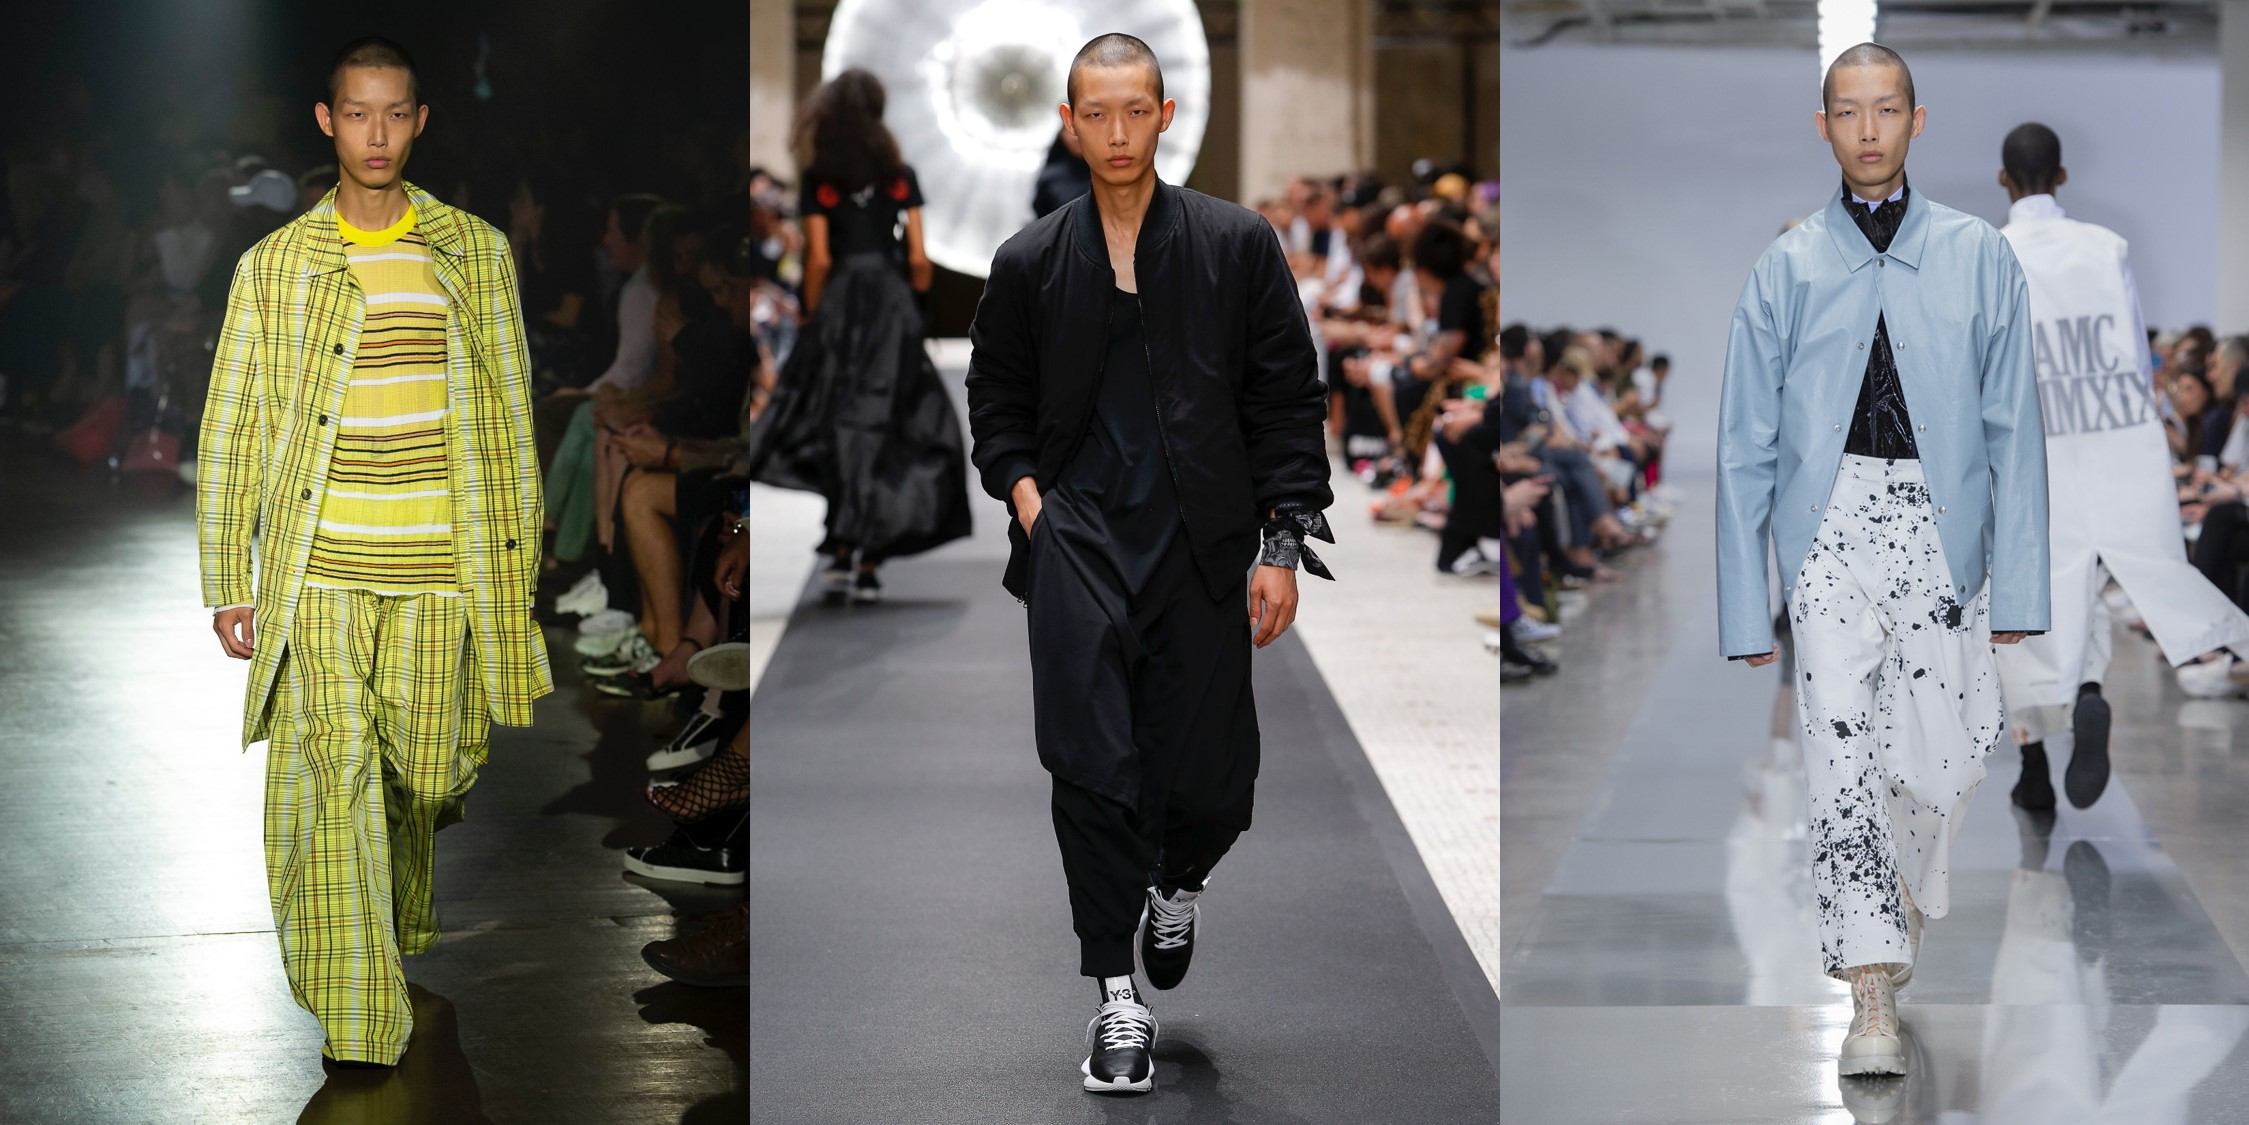 모델 수민, 모델스닷컴 2019 S/S 맨즈 컬렉션 런웨이 랭킹 1위